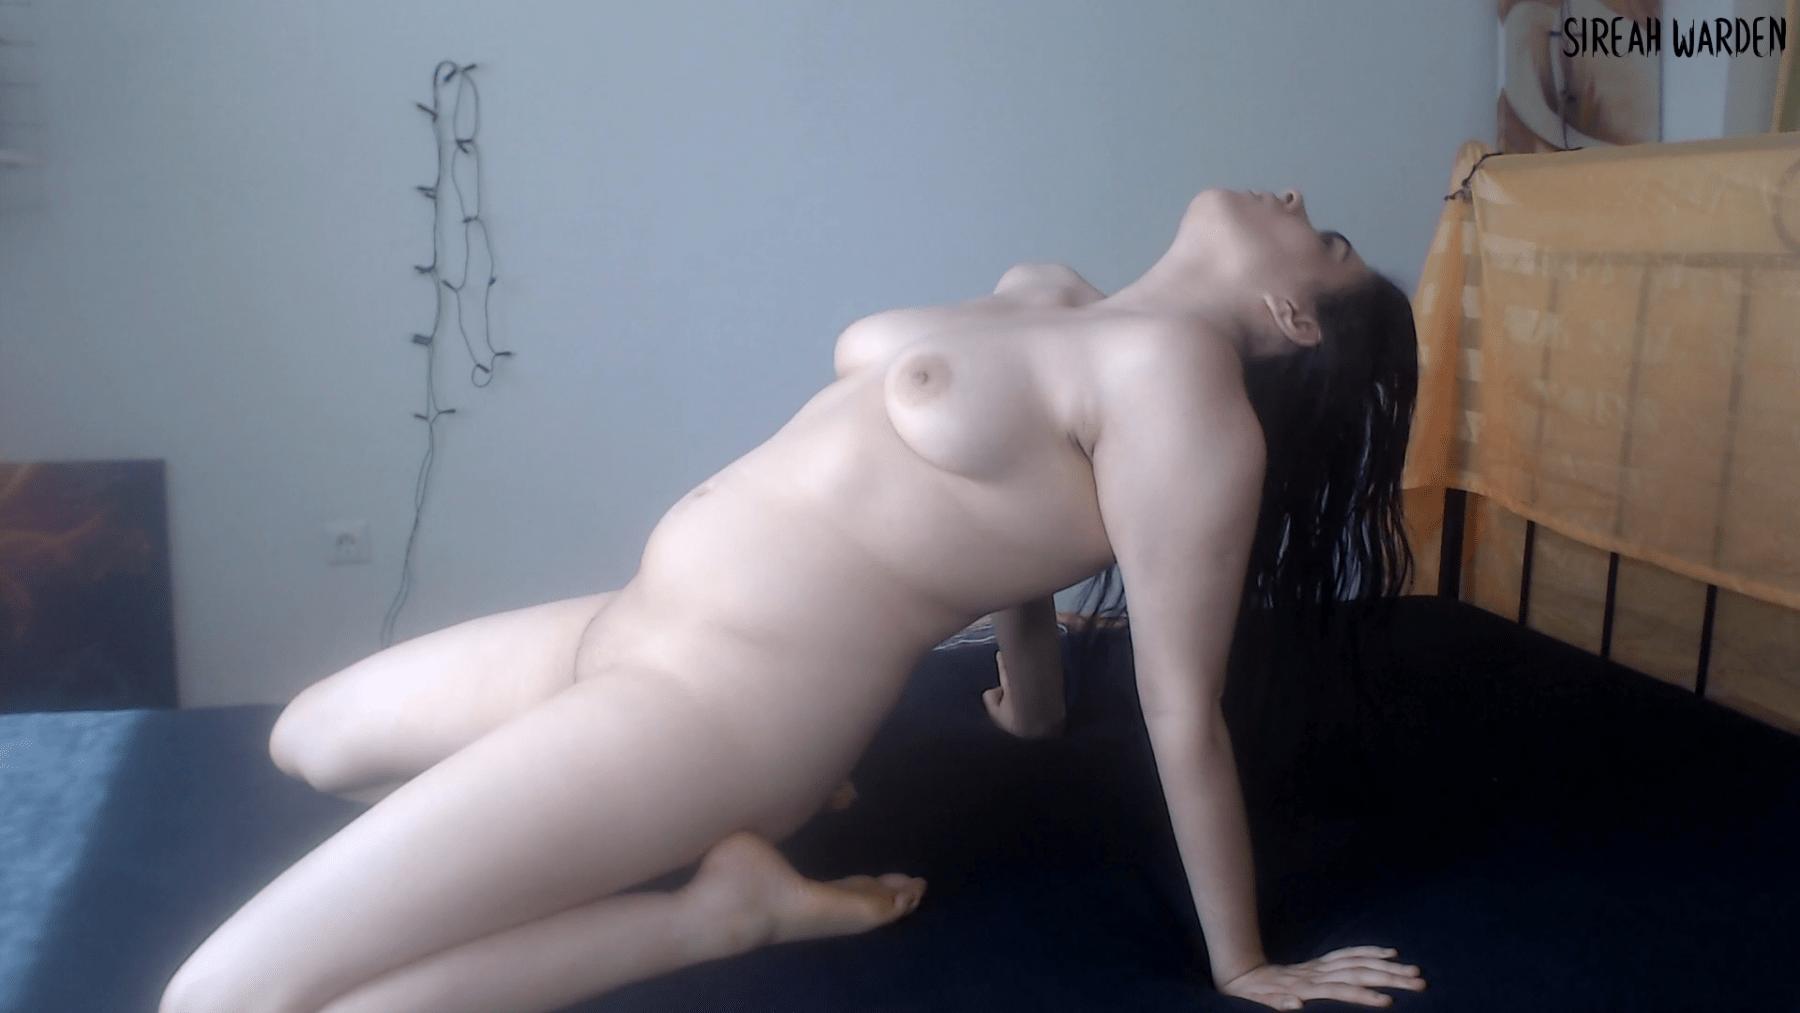 Sireah Warden - Sex Positions - Sireah Photography